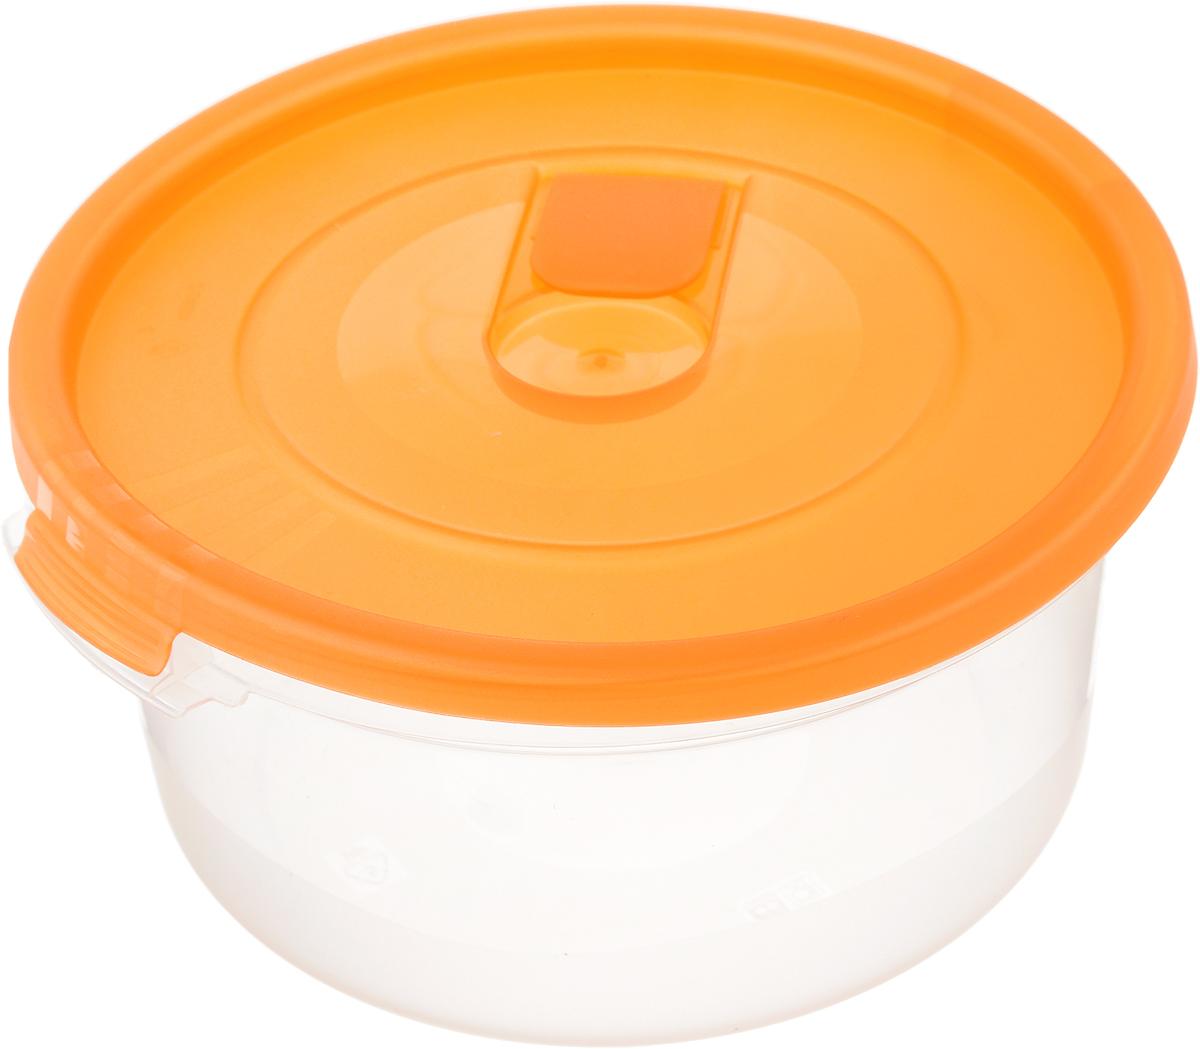 Контейнер Полимербыт Смайл, цвет: оранжевый, 800 млС521_оранжевыйКонтейнер Полимербыт Смайл круглой формы, изготовленный из прочного пластика, специально предназначен для хранения пищевых продуктов. Контейнер оснащен герметичной крышкой со специальным клапаном, благодаря которому внутри создается вакуум и продукты дольше сохраняют свежесть и аромат. Крышка легко открывается и плотно закрывается.Стенки контейнера прозрачные - хорошо видно, что внутри. Контейнер устойчив к воздействию масел и жиров, легко моется. Контейнер имеет возможность хранения продуктов глубокой заморозки, обладает высокой прочностью. Можно мыть в посудомоечной машине. Подходит для использования в микроволновых печах. Диаметр: 15 см. Высота (без крышки): 7 см.